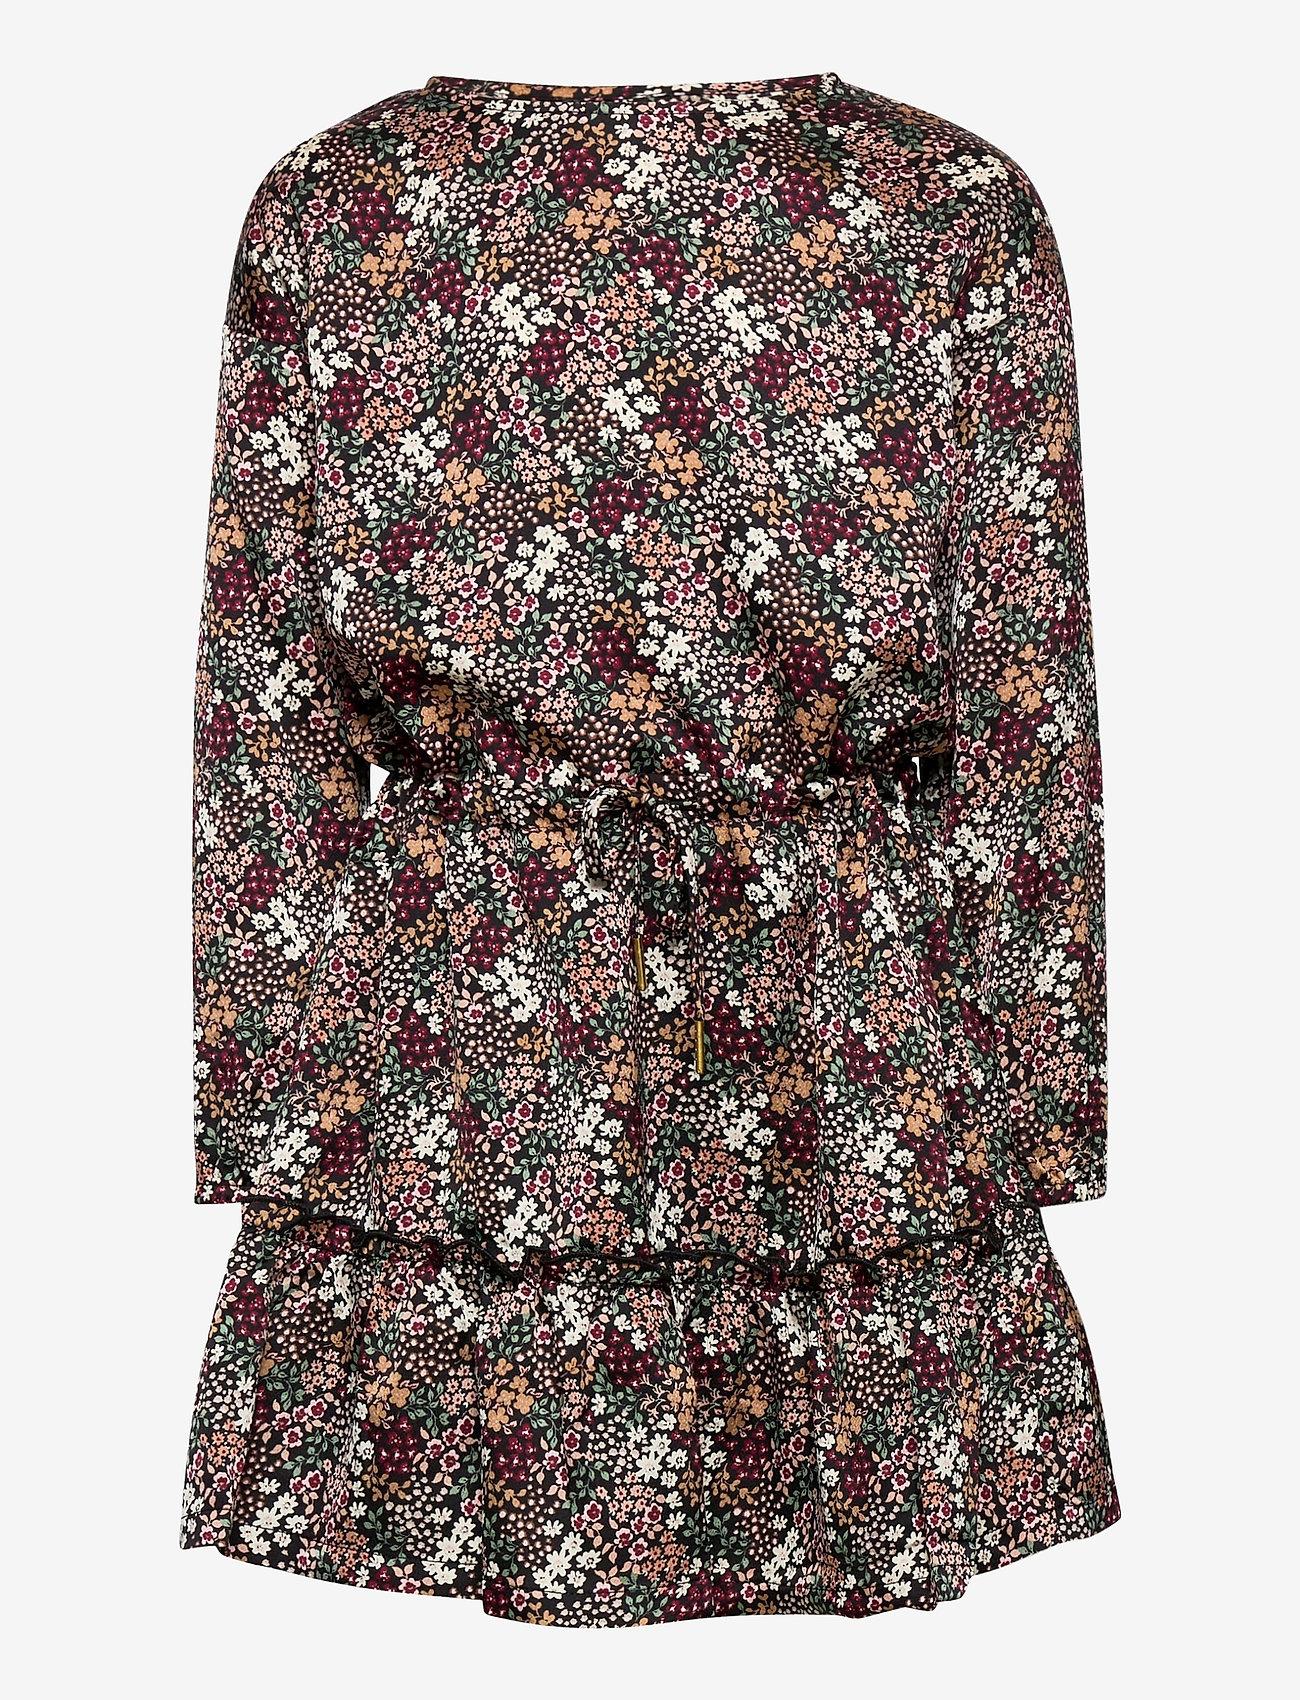 Petit by Sofie Schnoor - Dress - robes - black - 0